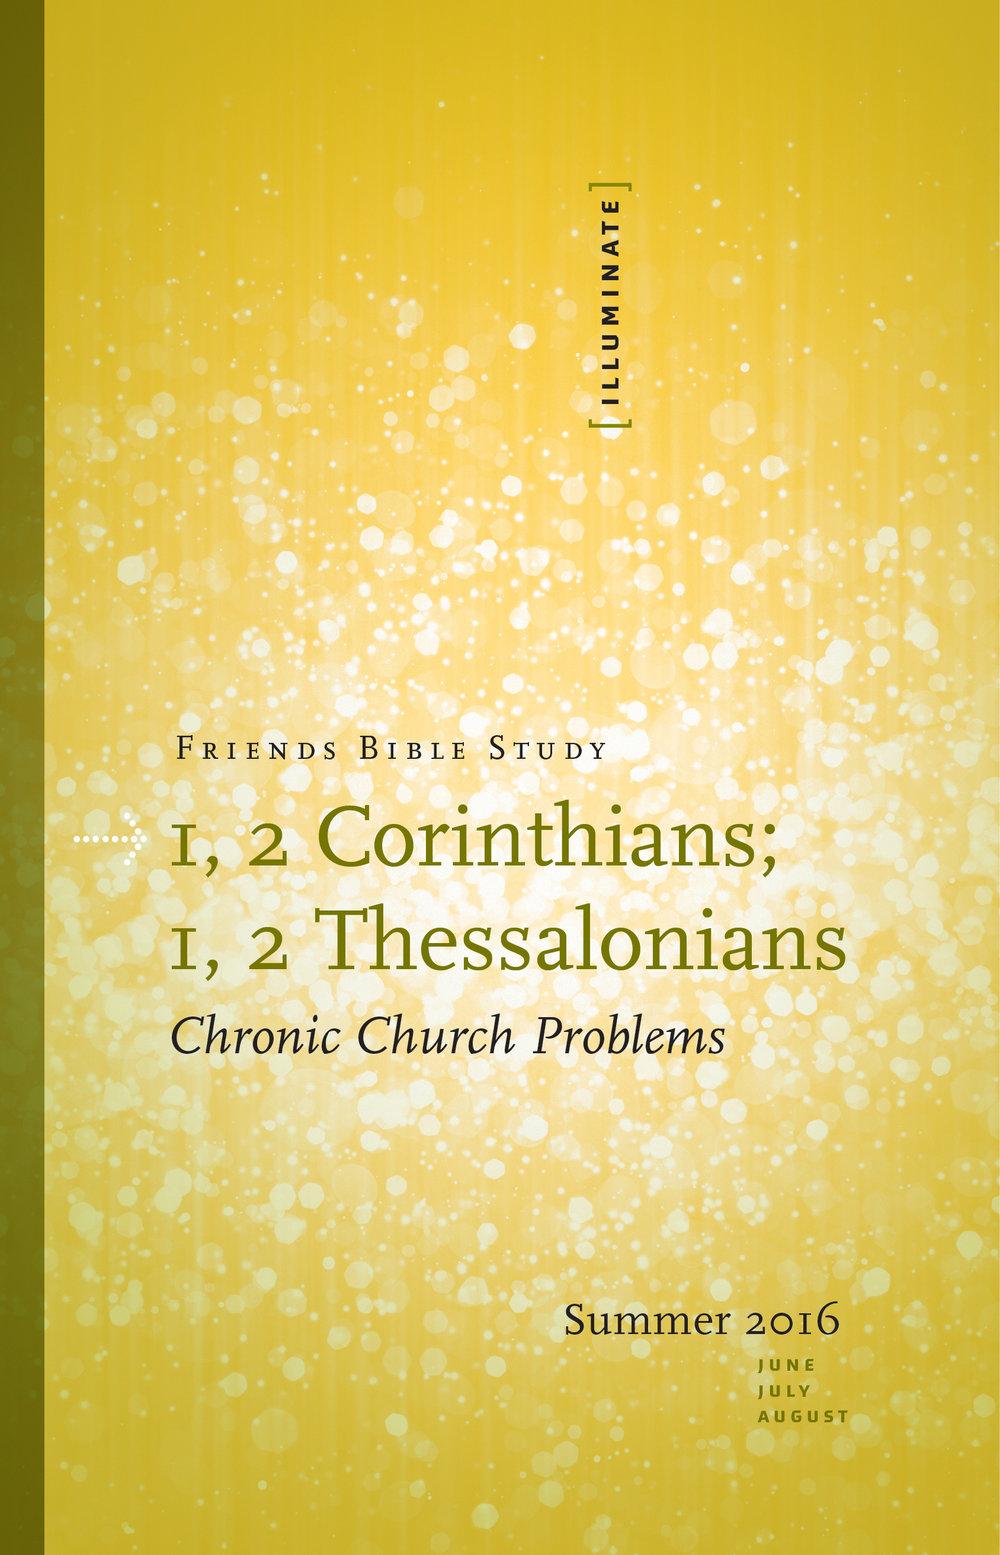 1, 2 Corinthians; 1, 2 Thessalonians